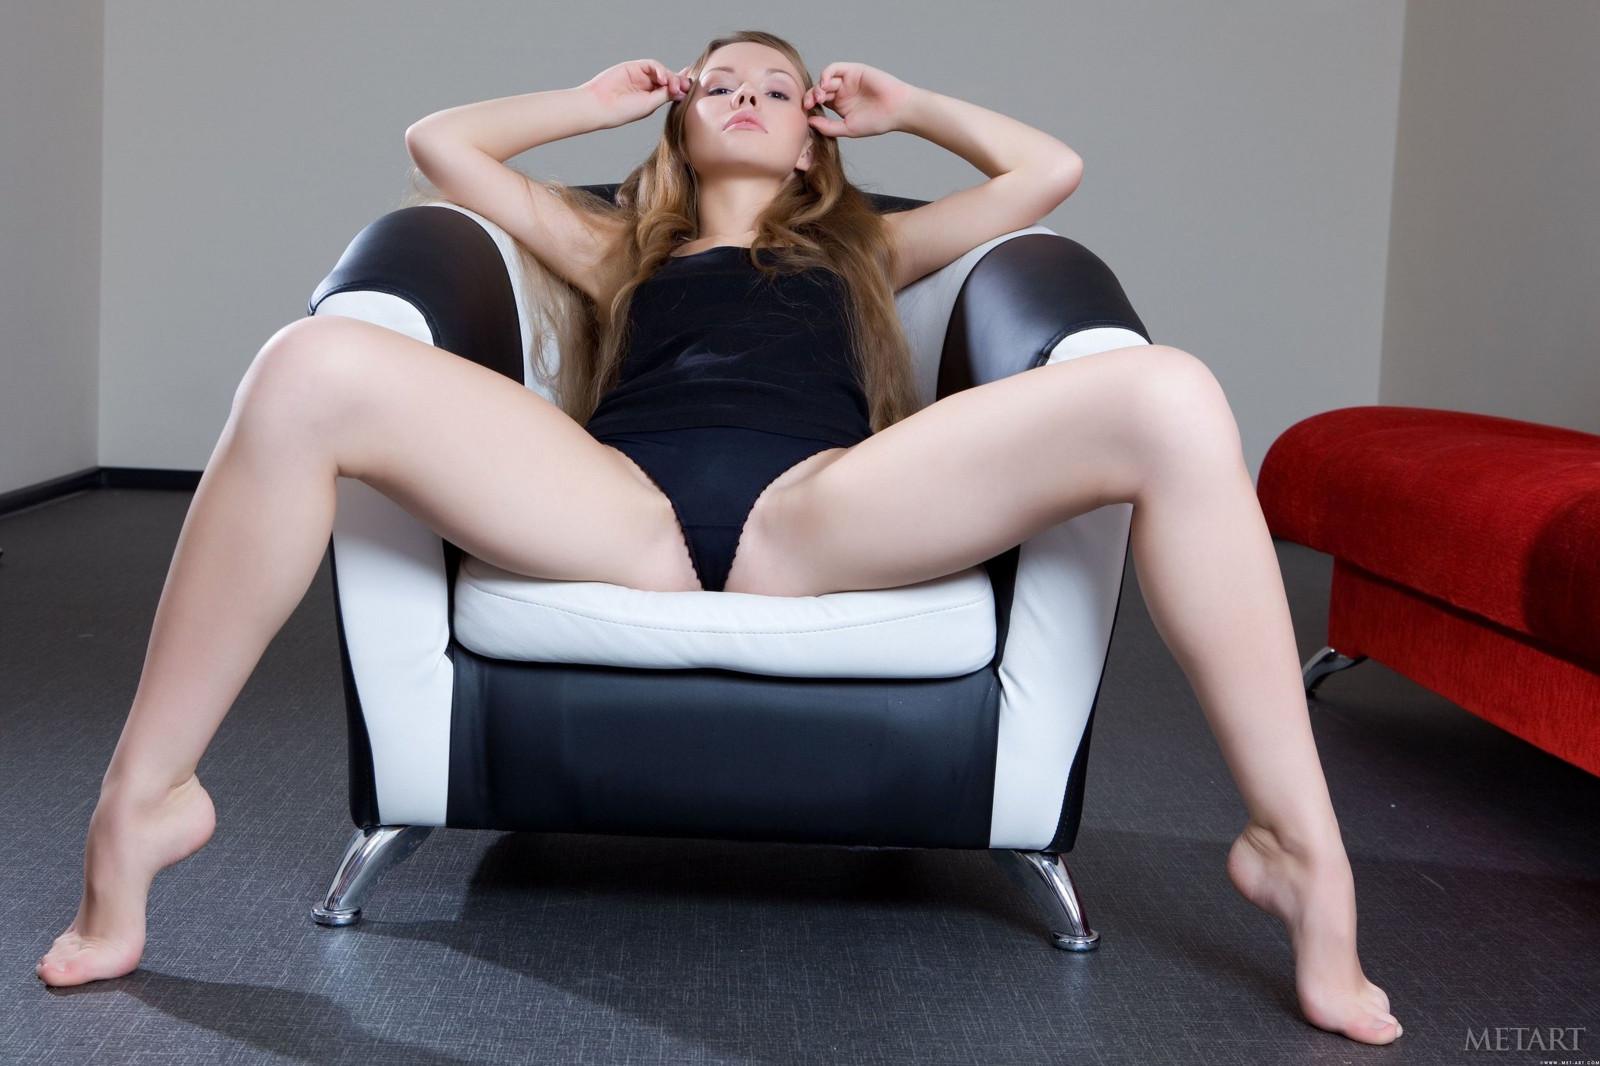 мамки раздвигают ноги фото загрузить 8